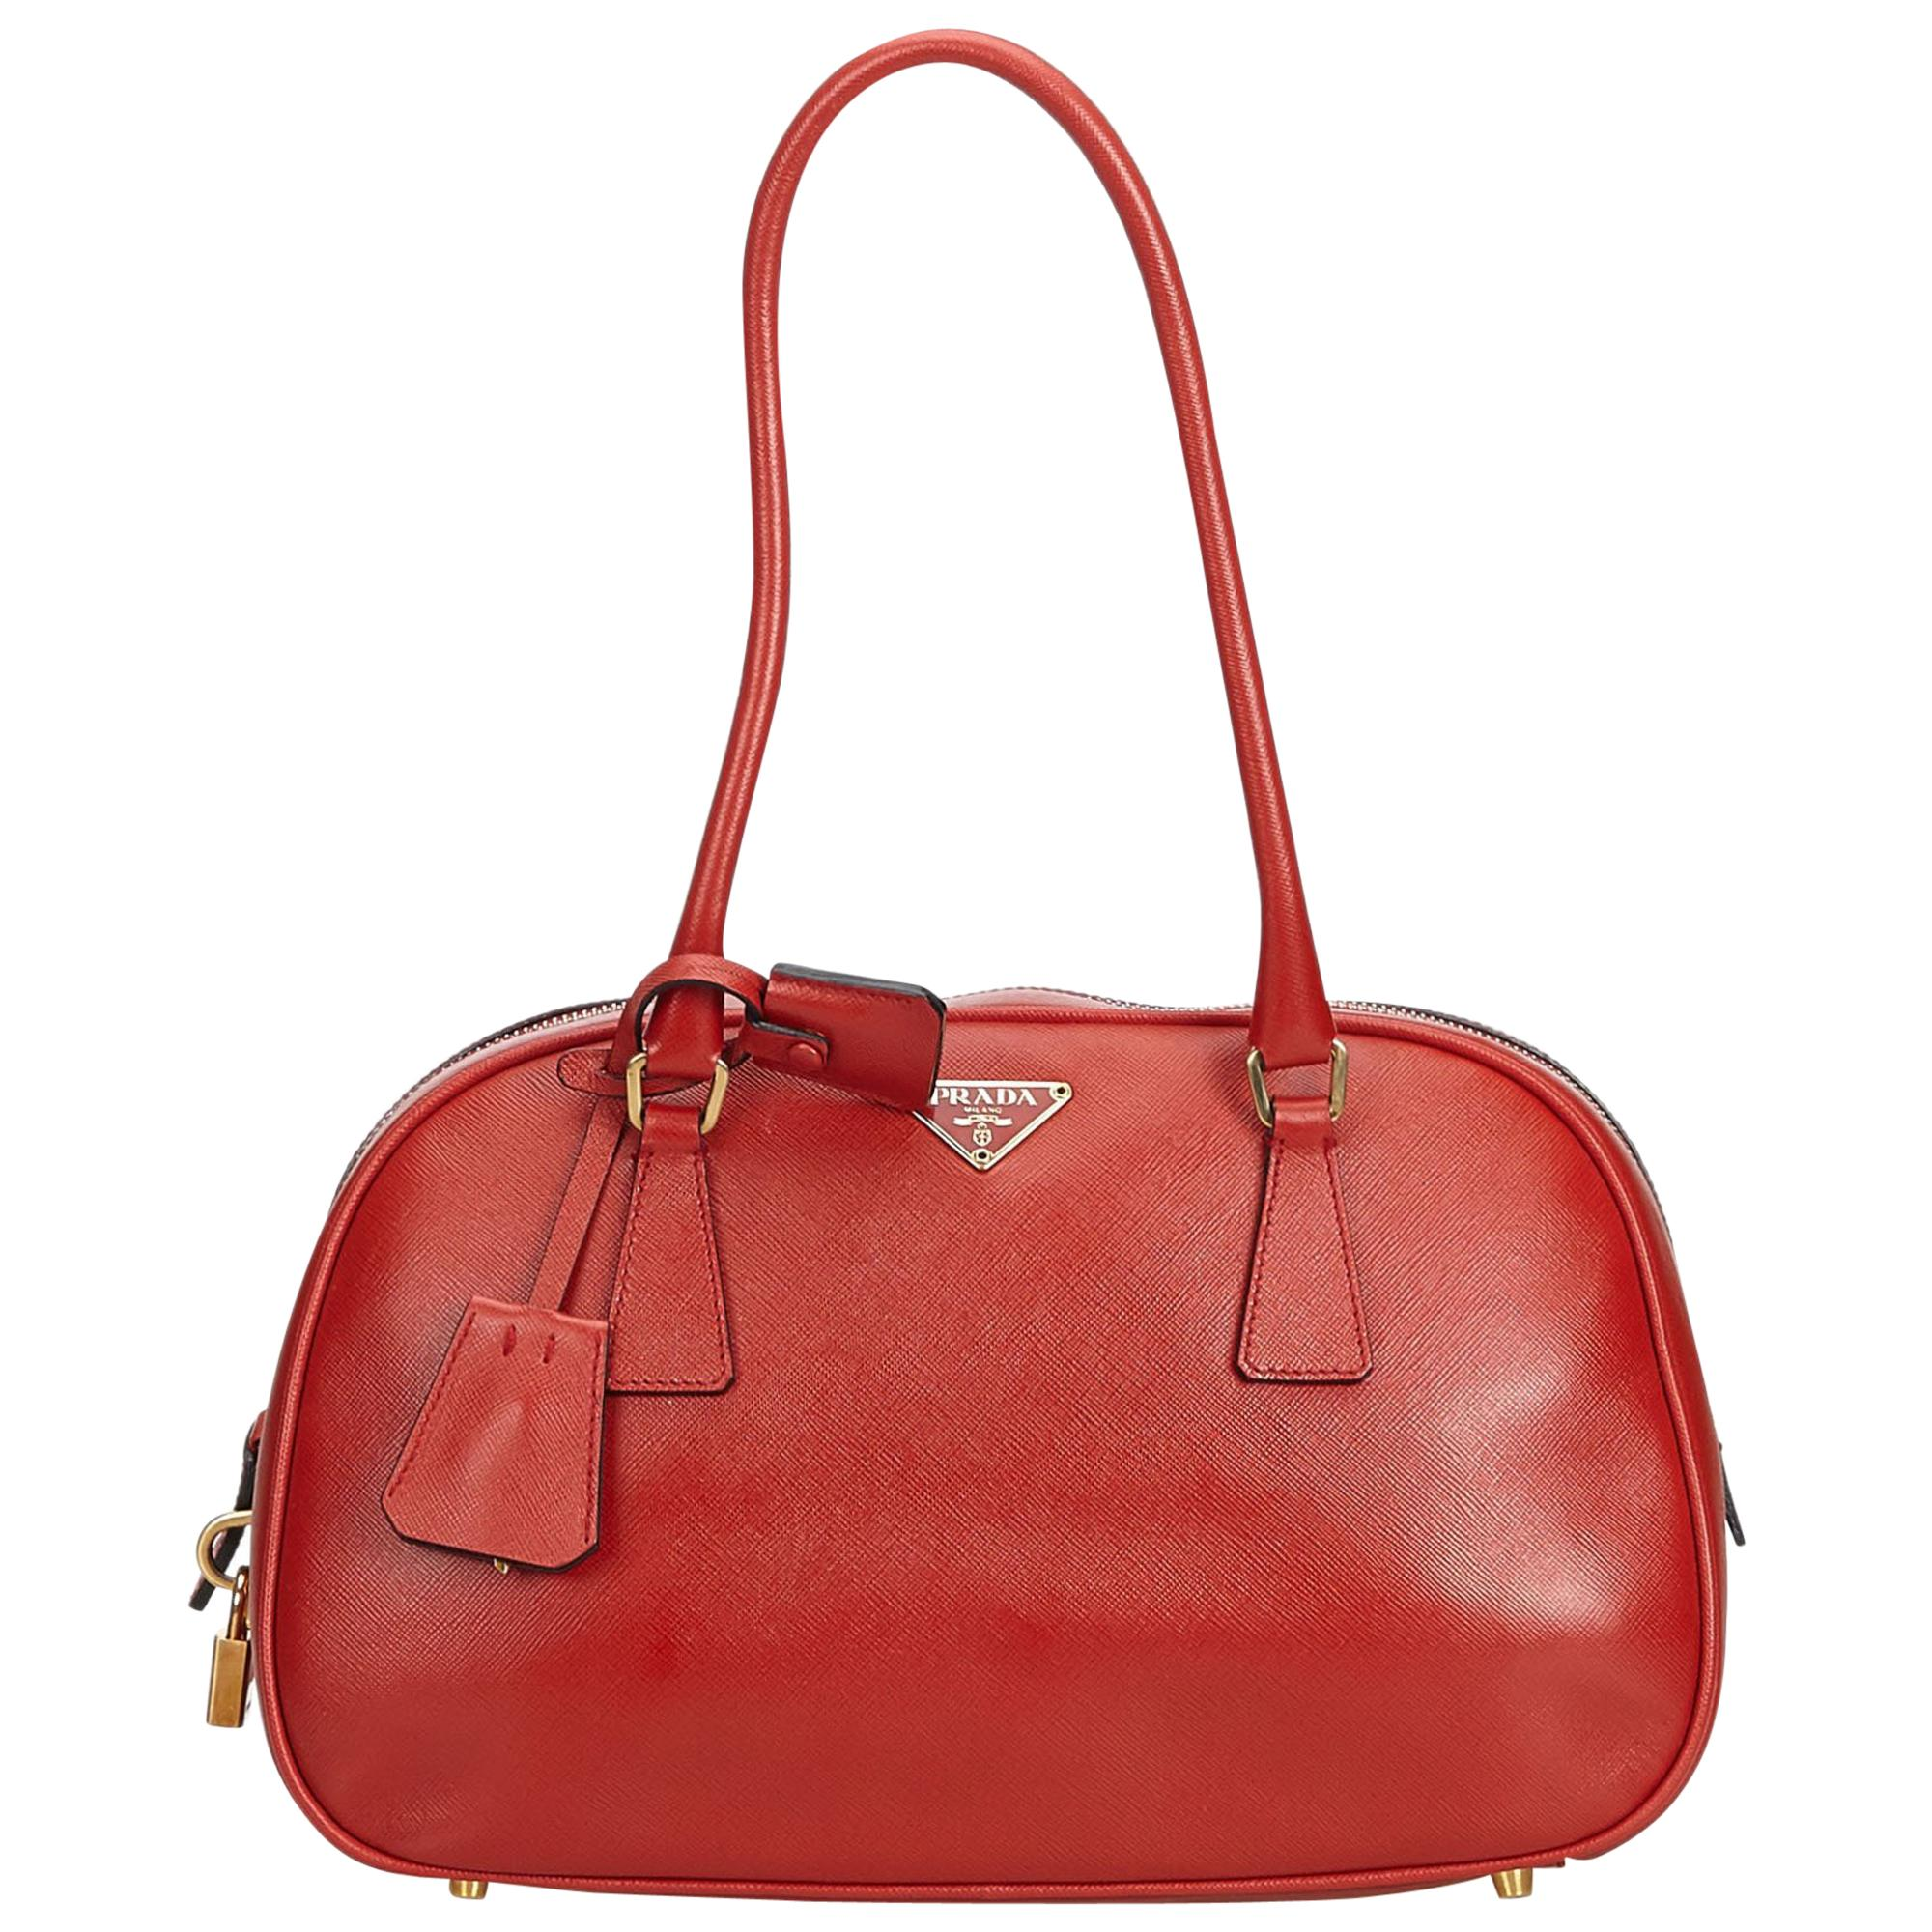 1063fd8980d9 Prada Vintage Red Leather Barrel Bag at 1stdibs